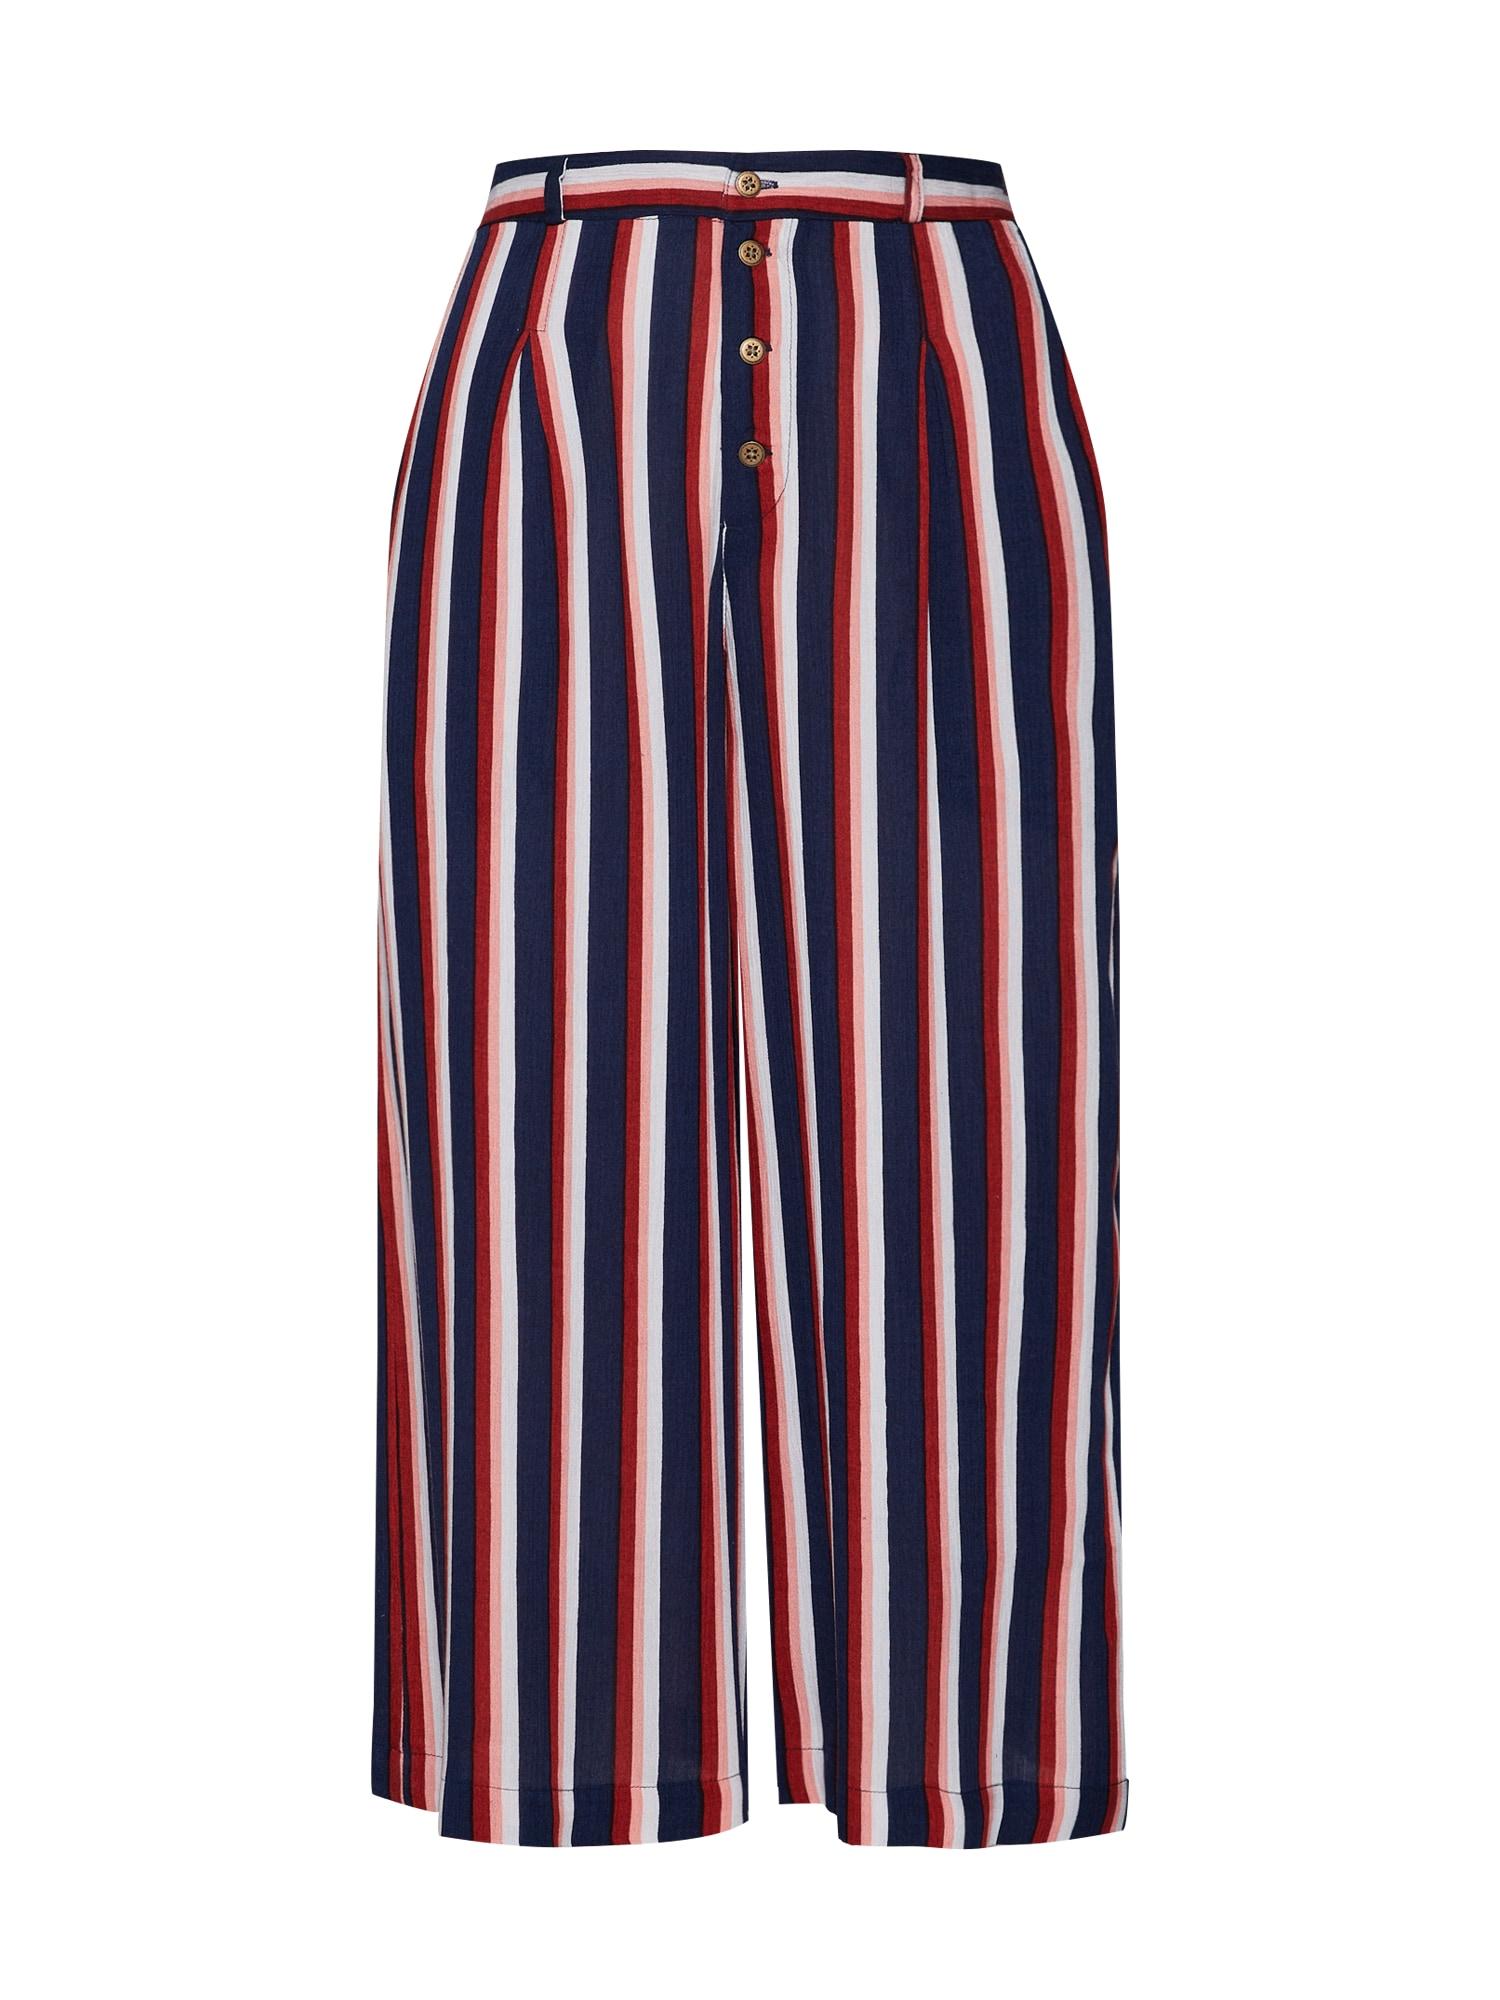 Kalhoty se sklady v pase Aluna námořnická modř červená bílá ELEMENT